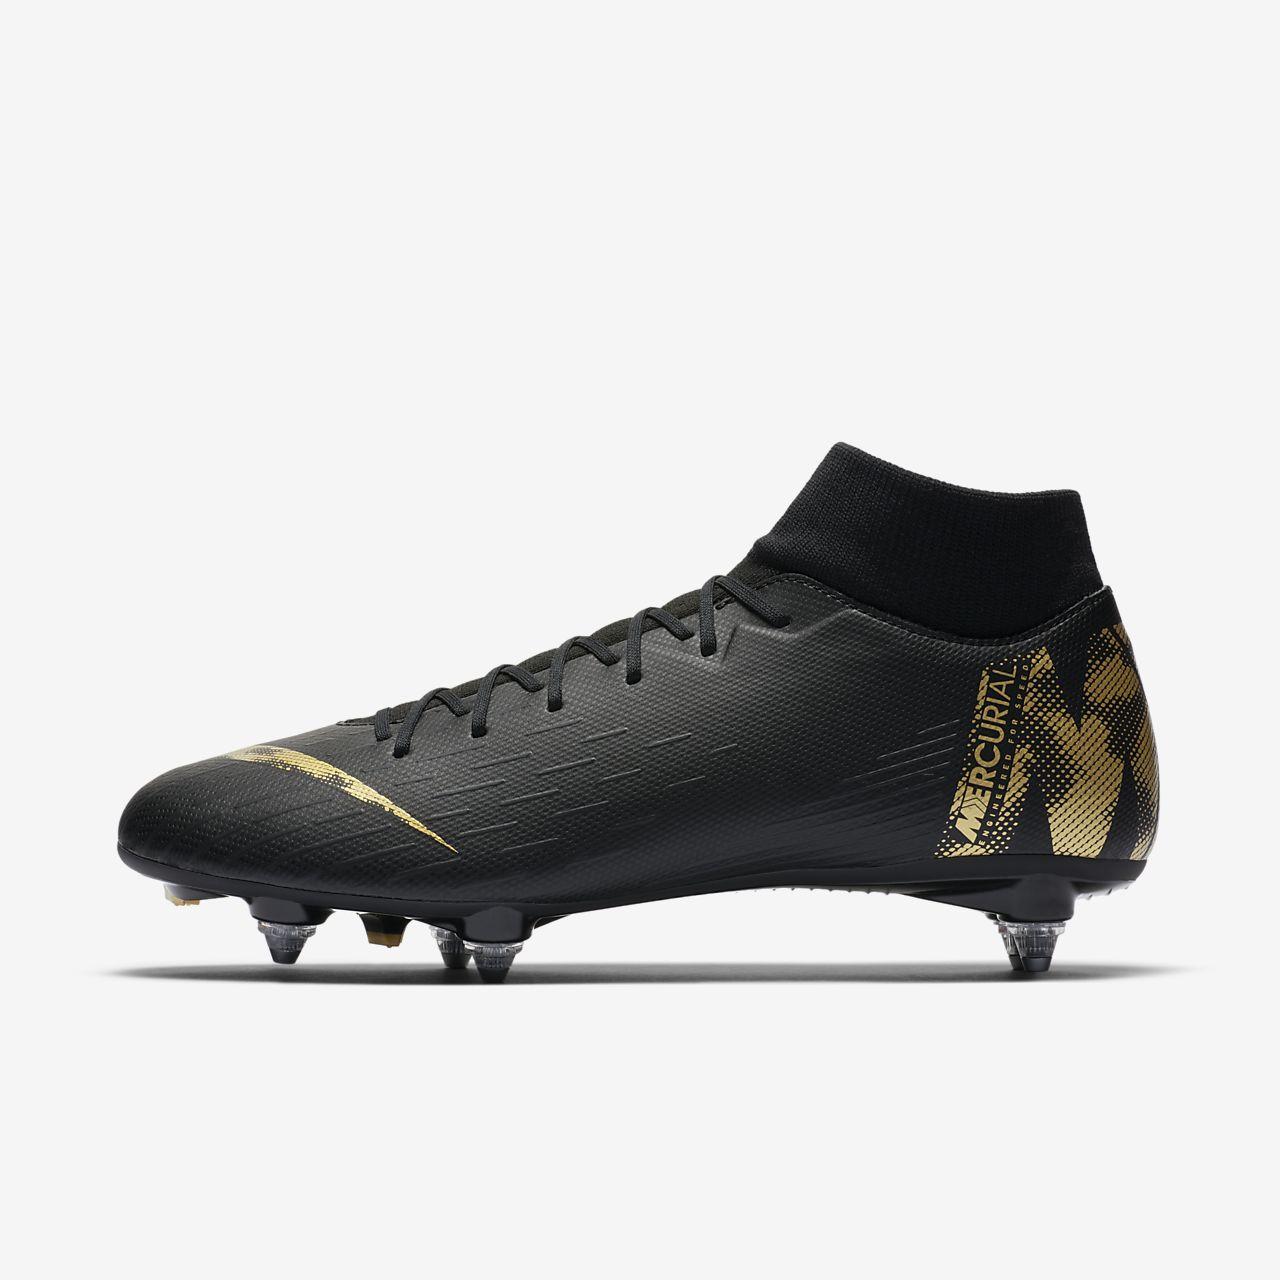 check out a0095 97761 ... Fotbollssko för mjukt underlag Nike Mercurial Superfly VI Academy SG-PRO